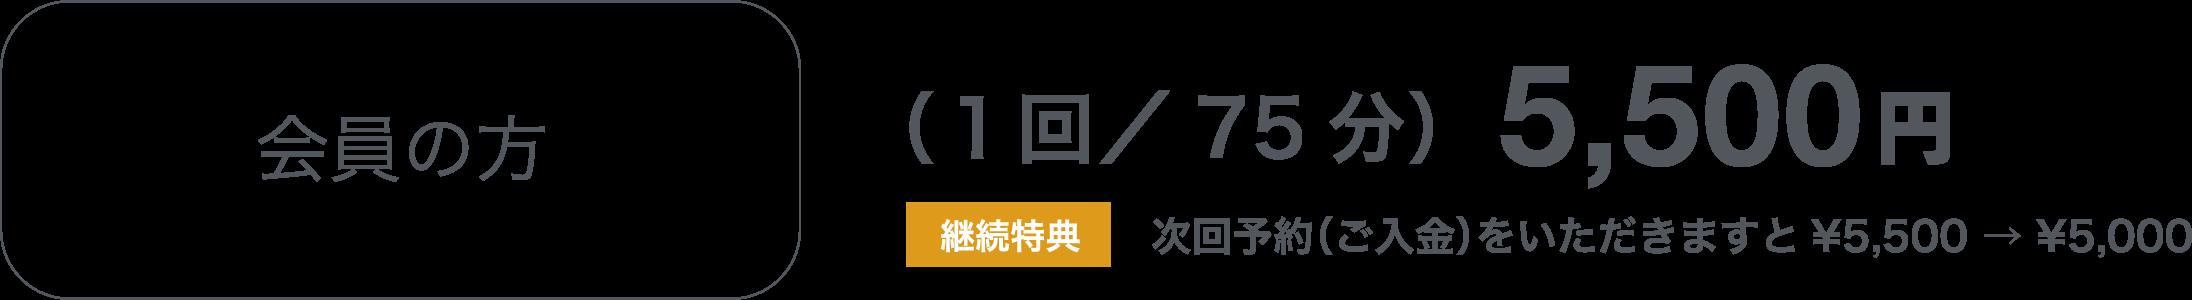 会員の方(1回/75分)5,500円